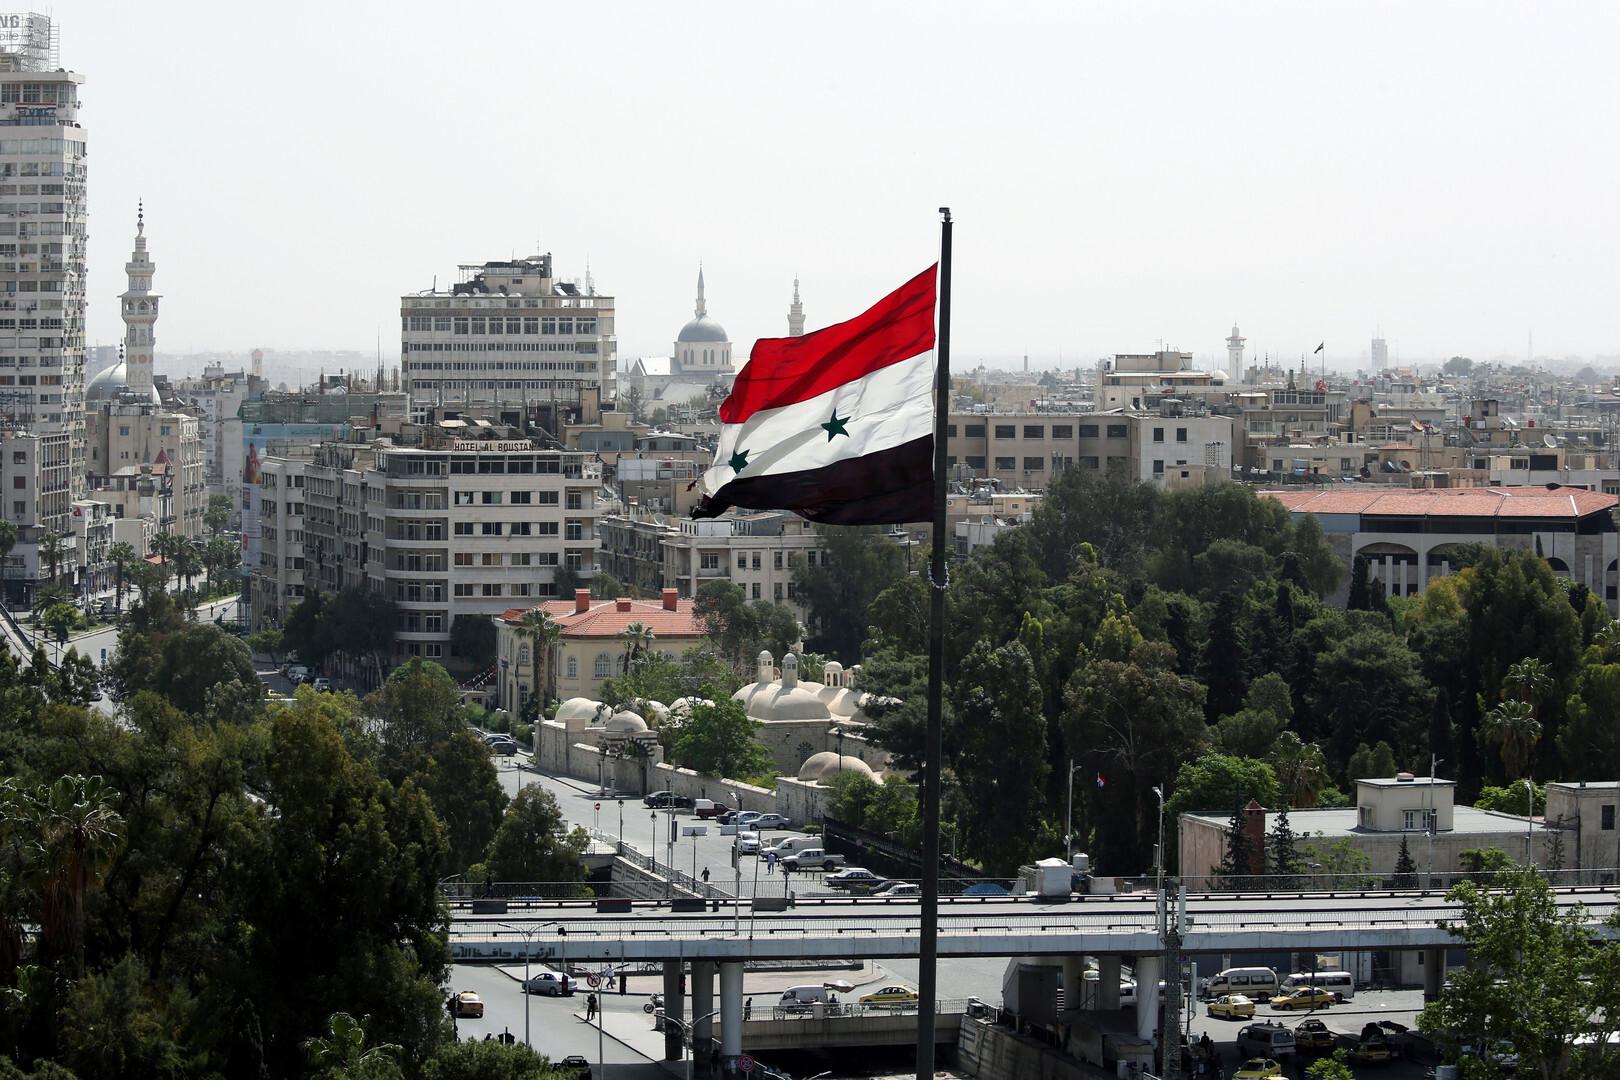 سوريا.. مصرع شخص وإصابة 9 آخرين بحريق في مدينة السيدة زينب (صور + فيديو)